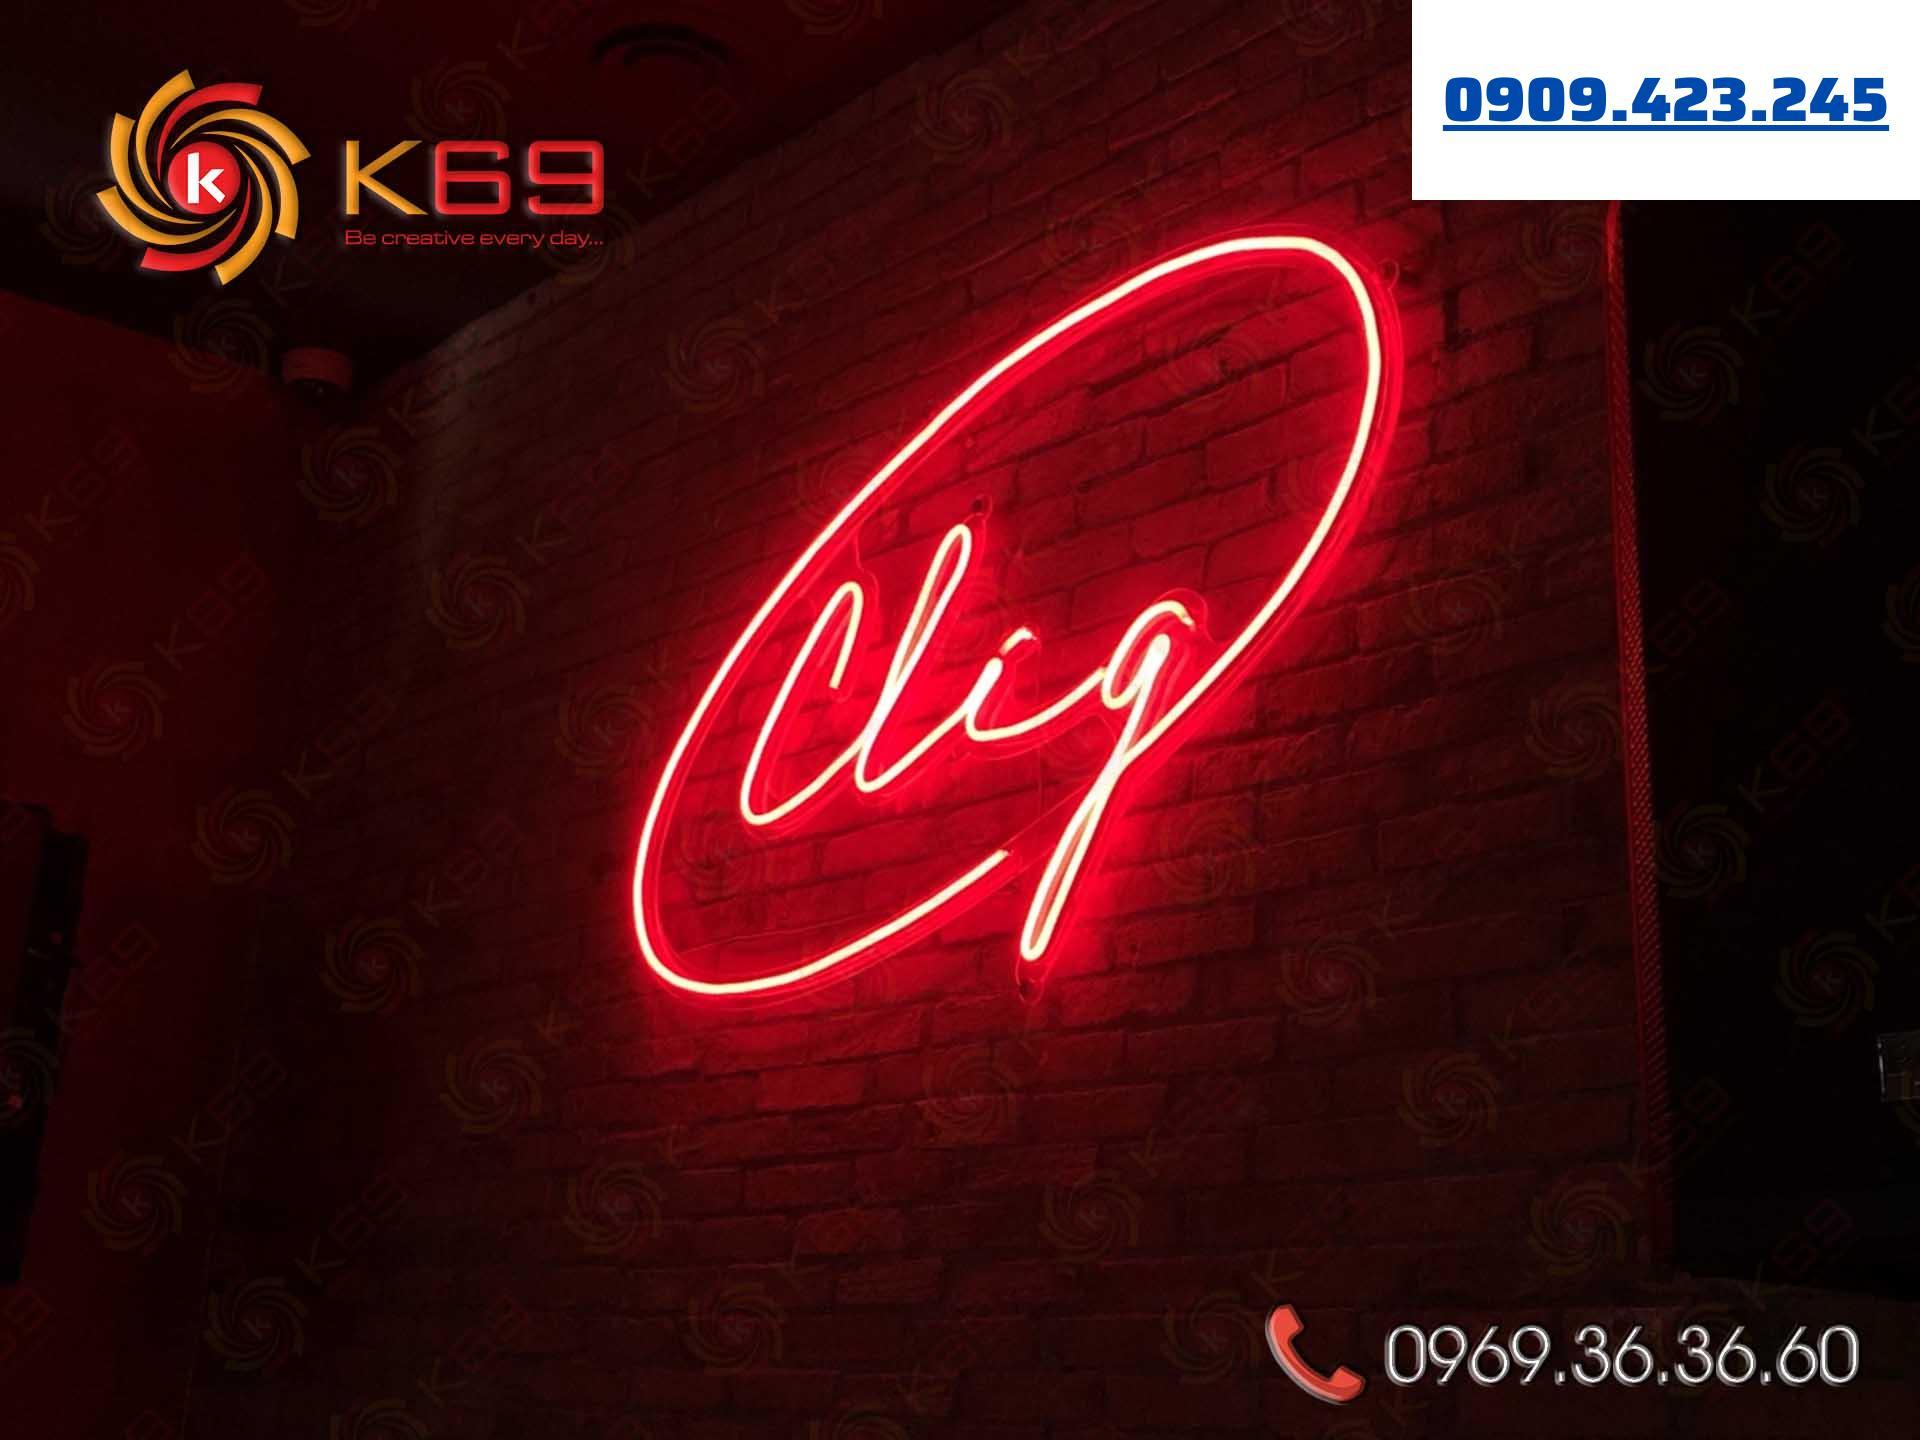 Làm bảng hiệu đèn neon sign tại K69adv